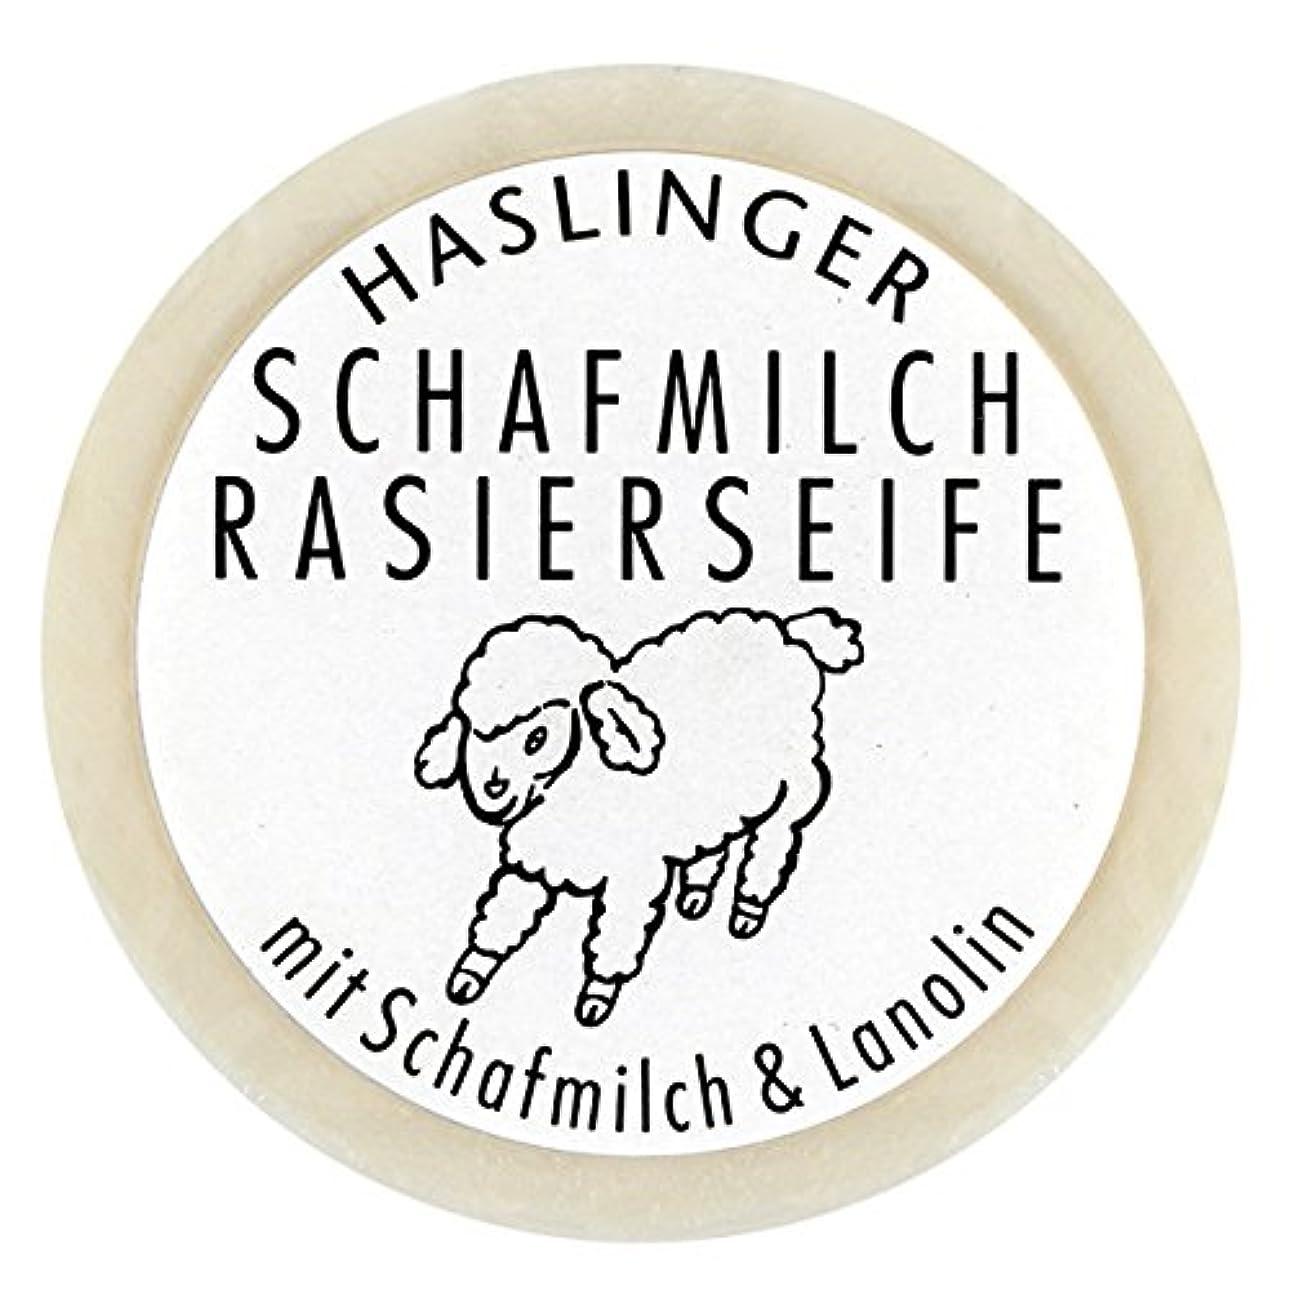 流星楽観非常に怒っていますSchafmilch Rasierseife (Ewe`s Milk Shave Soap) 60g soap bar by Haslinger by Haslinger